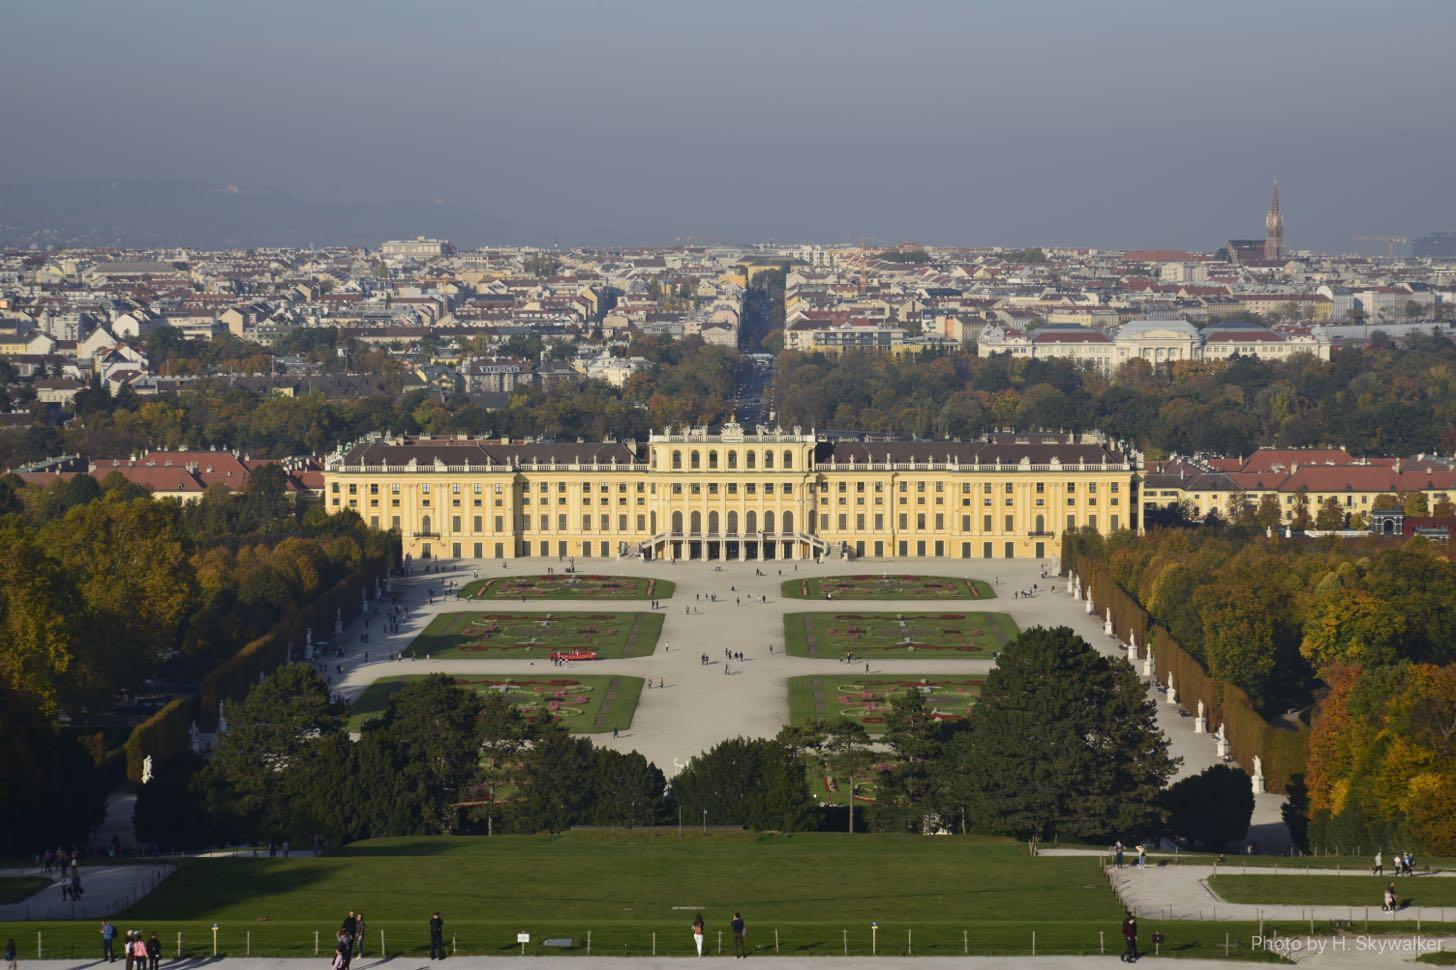 グロリエッテから見る宮殿